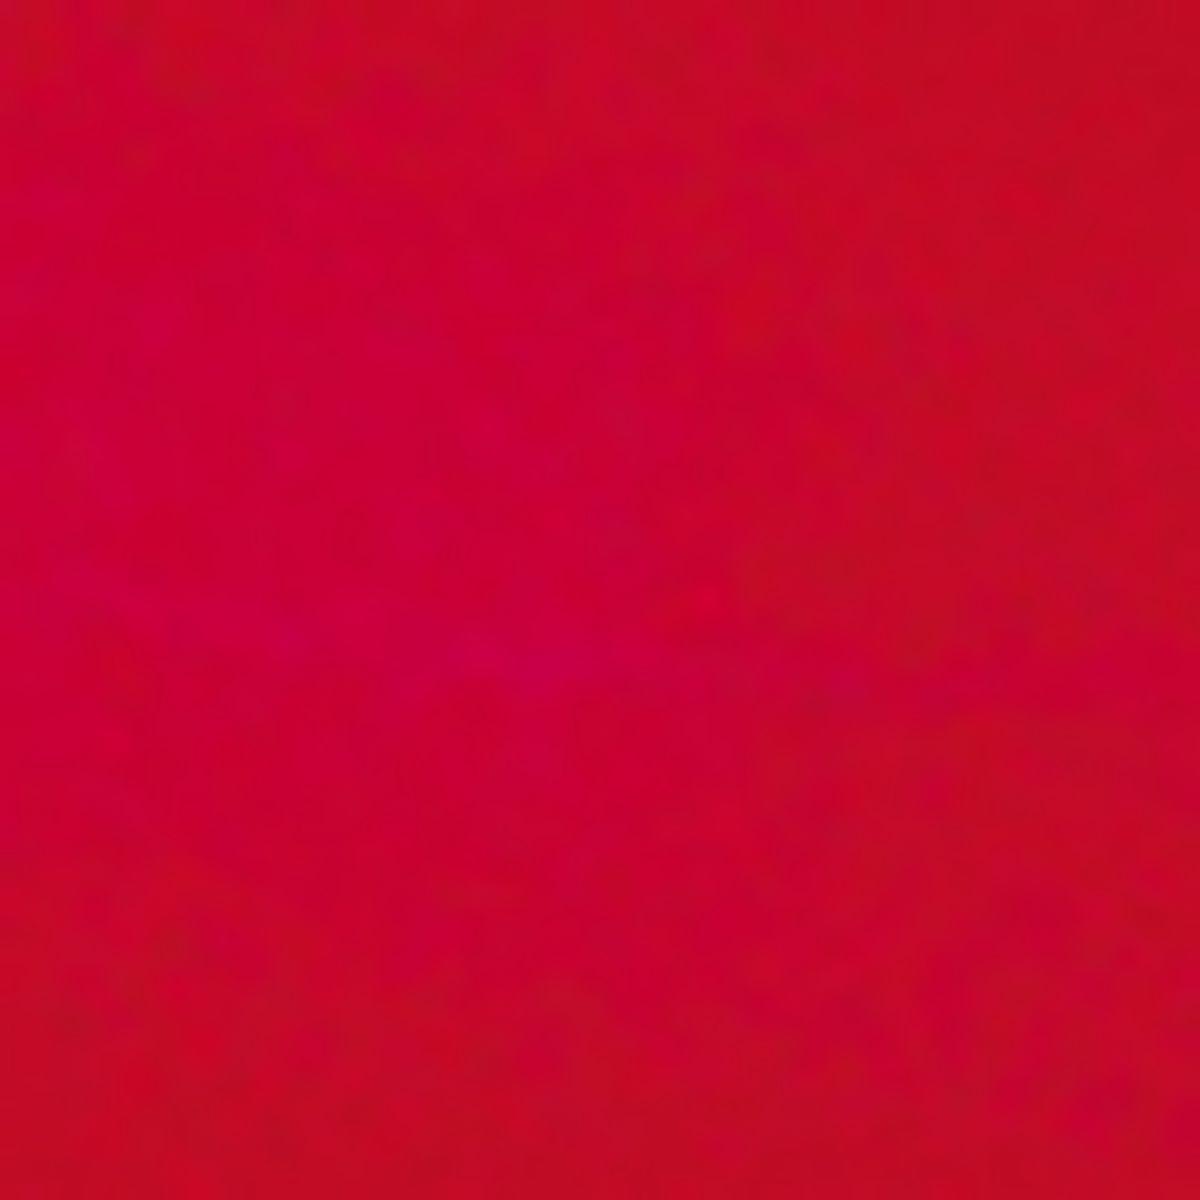 Luhr-Jensen® Hot Shot